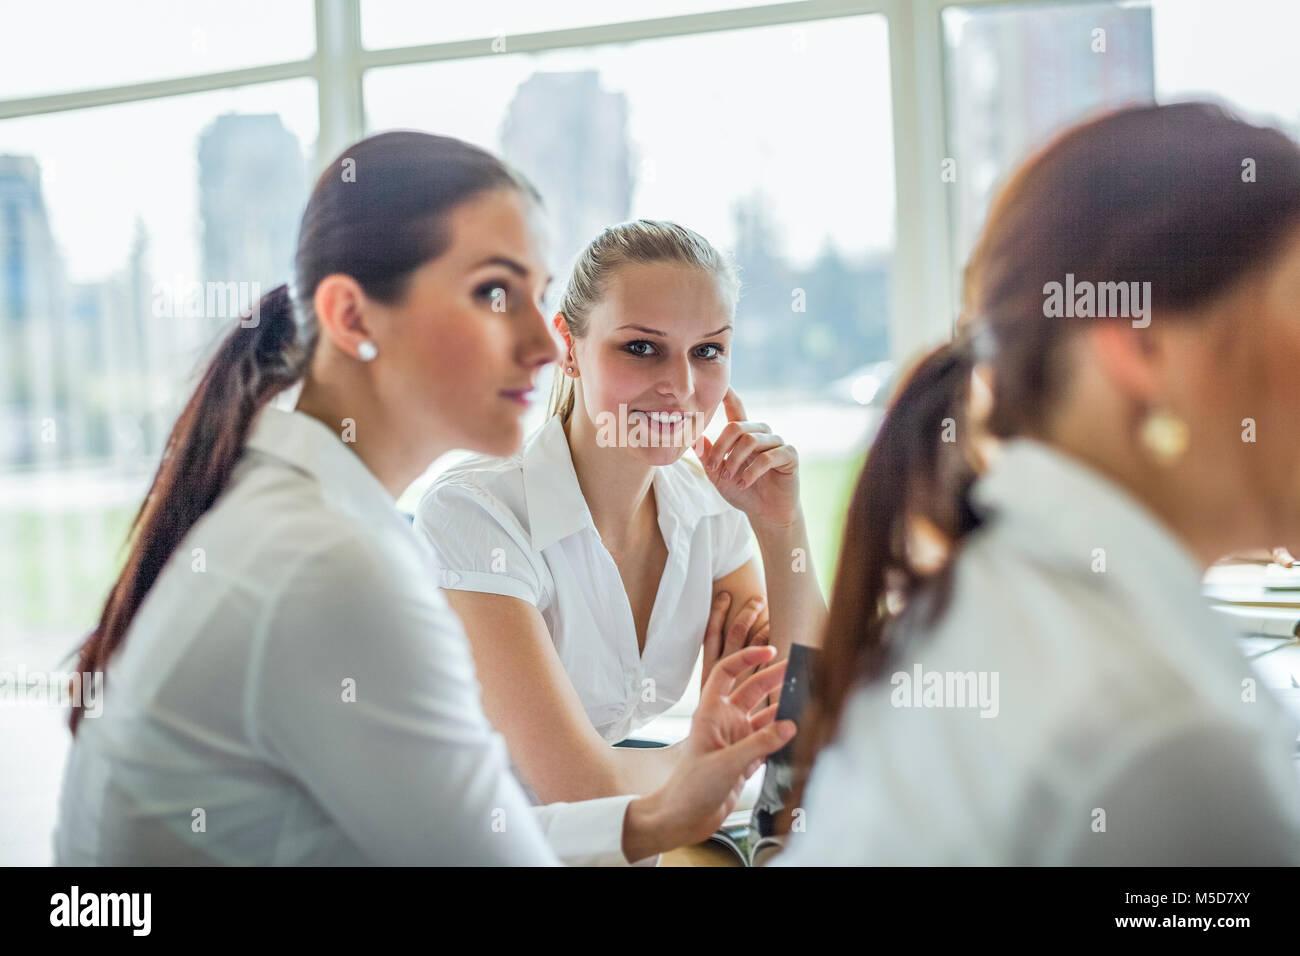 Portrait von schönen jungen Geschäftsfrau mit weiblichen Kollegen in Pension Zimmer Stockbild